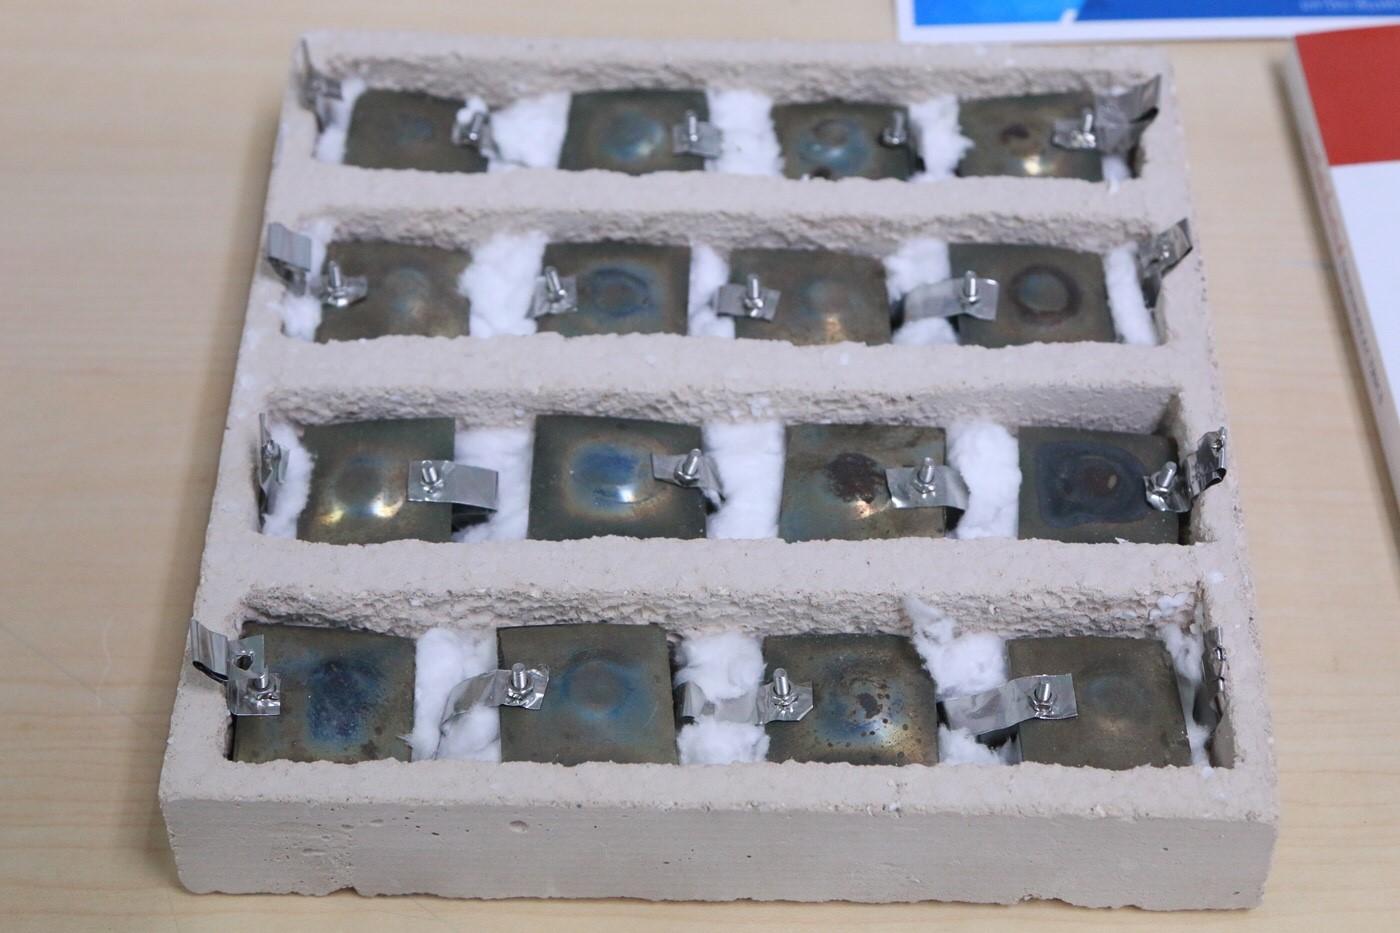 คอนกรีตบล็อกทนความร้อนผลิตไฟฟ้าได้จากเปลือกไข่ไก่